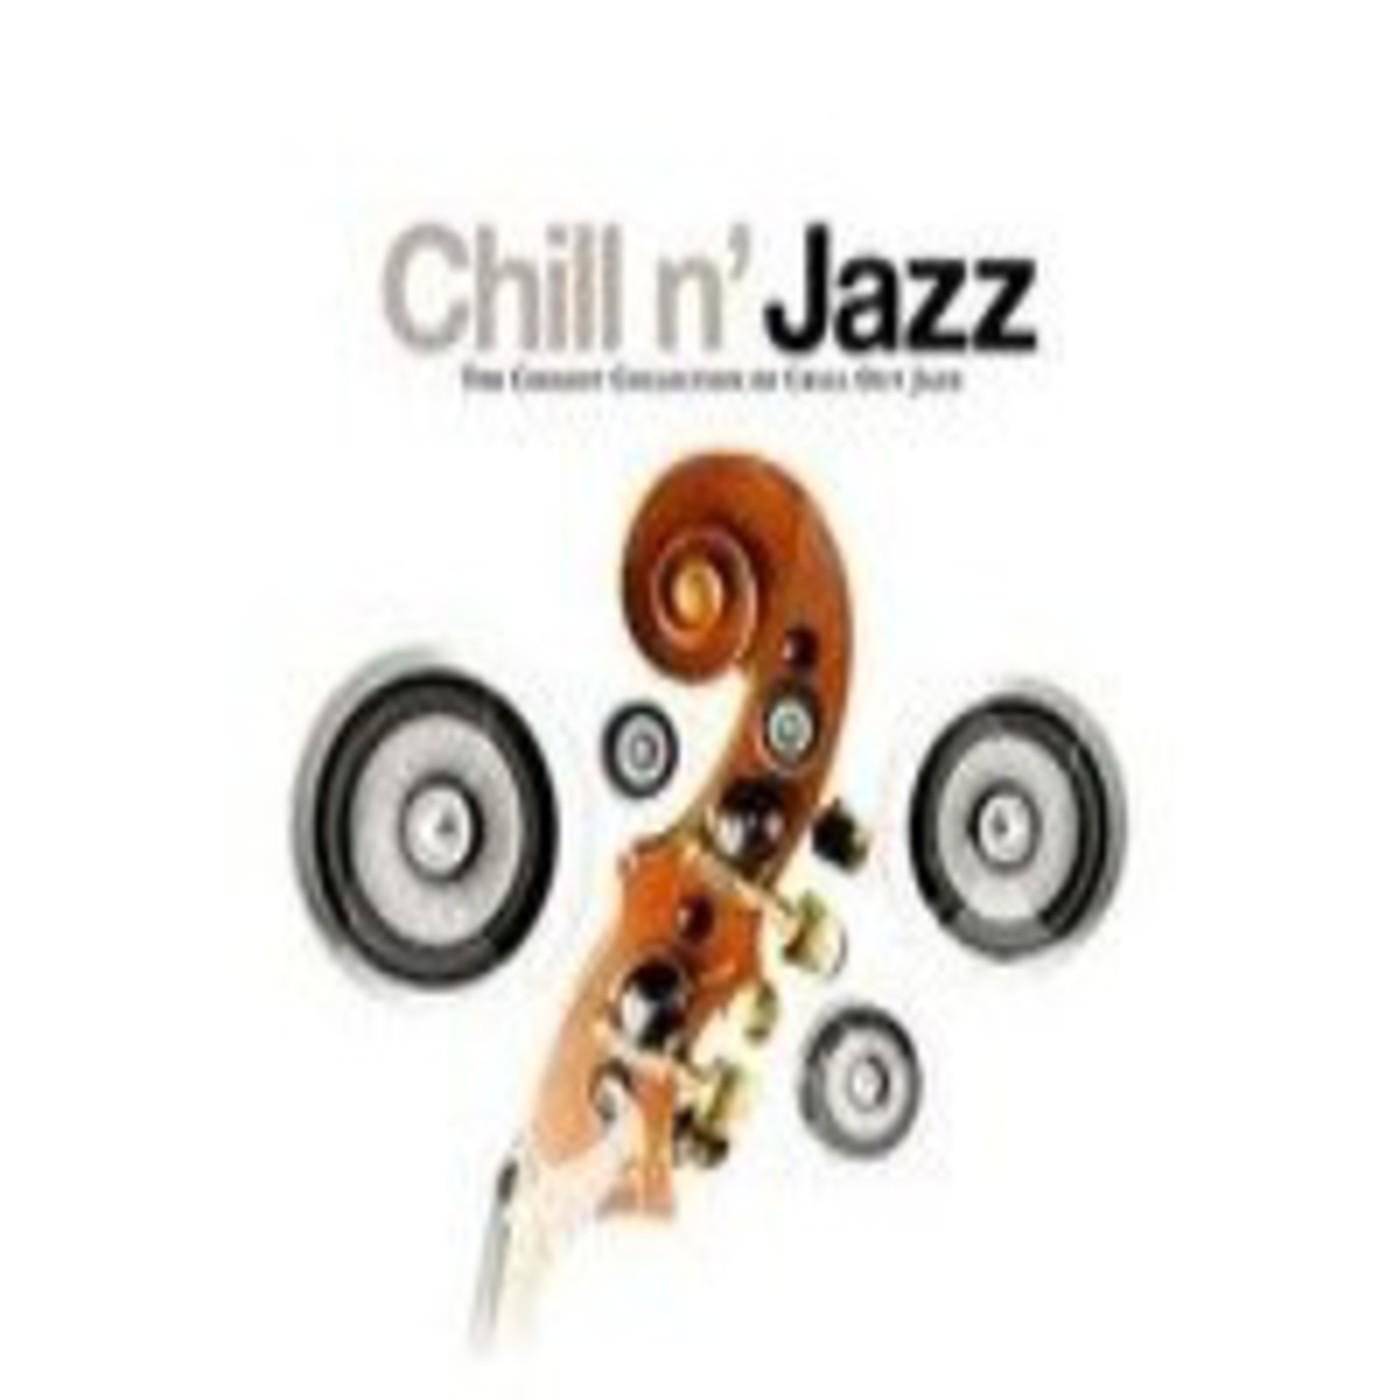 Life is like a samba (chill)